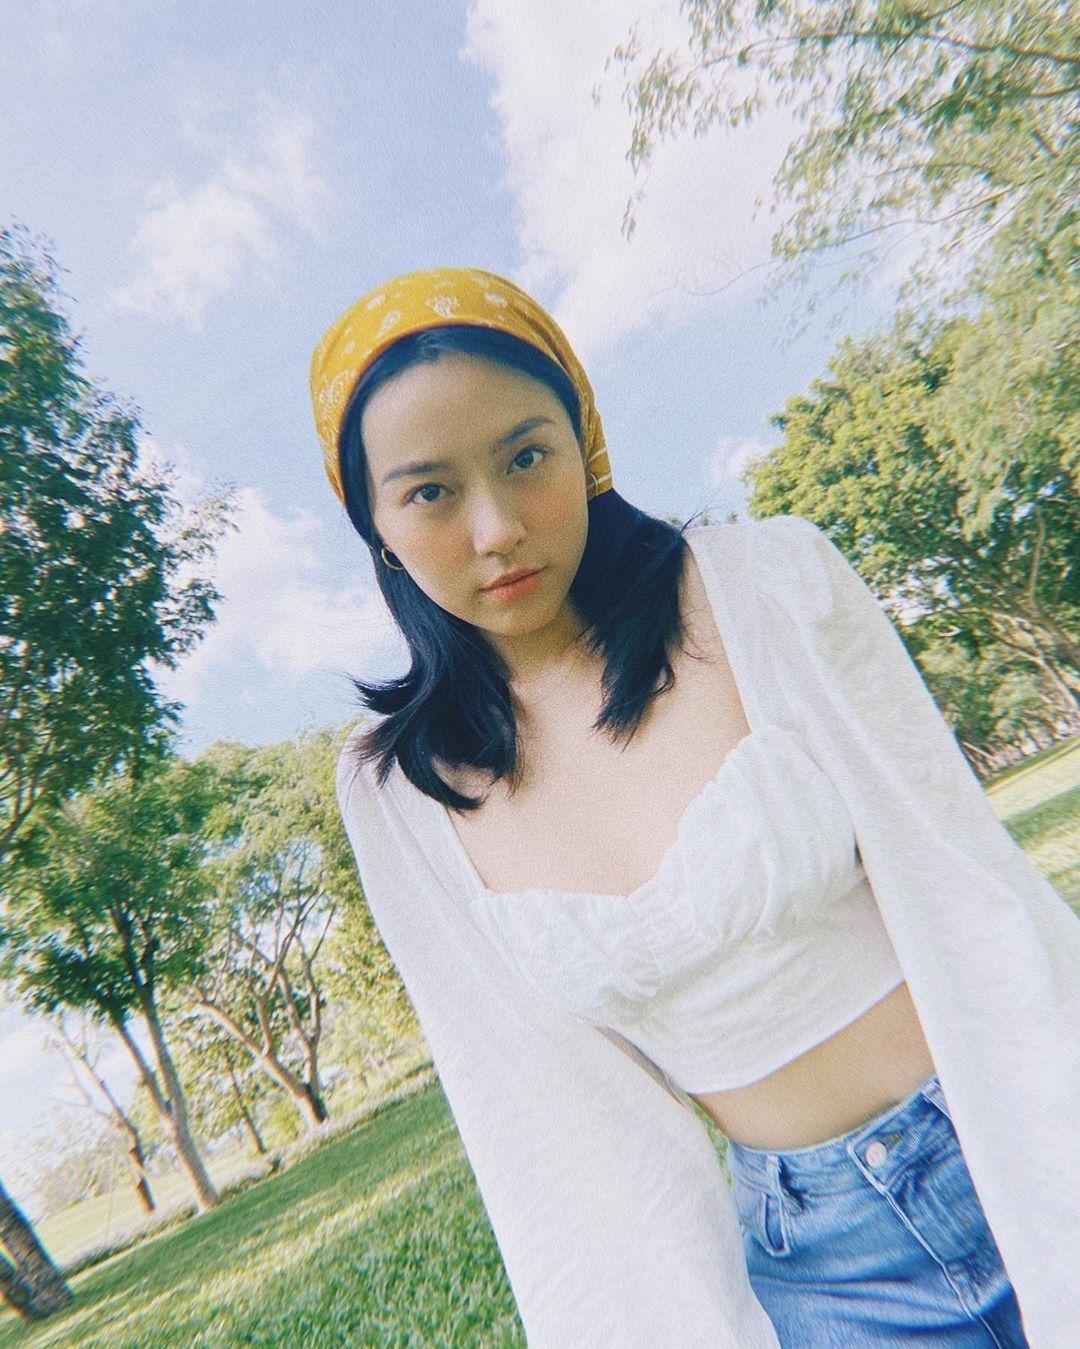 Lê Hà Trúc mặc áo trắng quần jeans quấn khăn bandana vàng